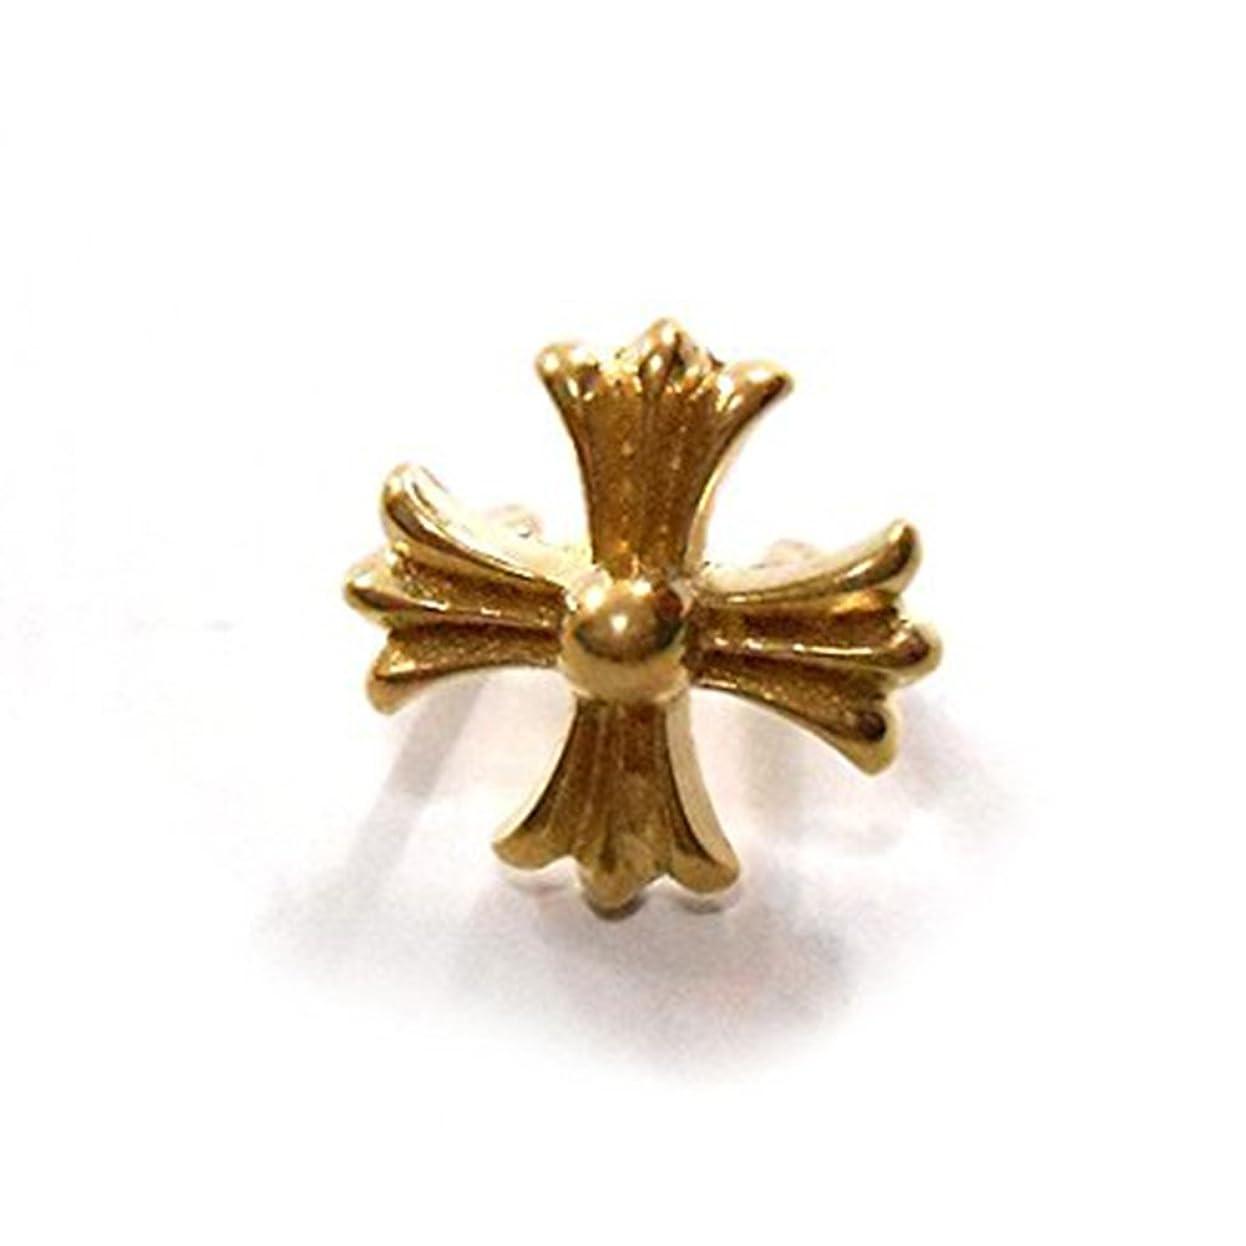 摘むワゴン方法論クロス 十字架 スタッズ 脚付き 直径1.0cm 10mm 金 ゴールド カスタム ハンドメイド DIY コンチョ